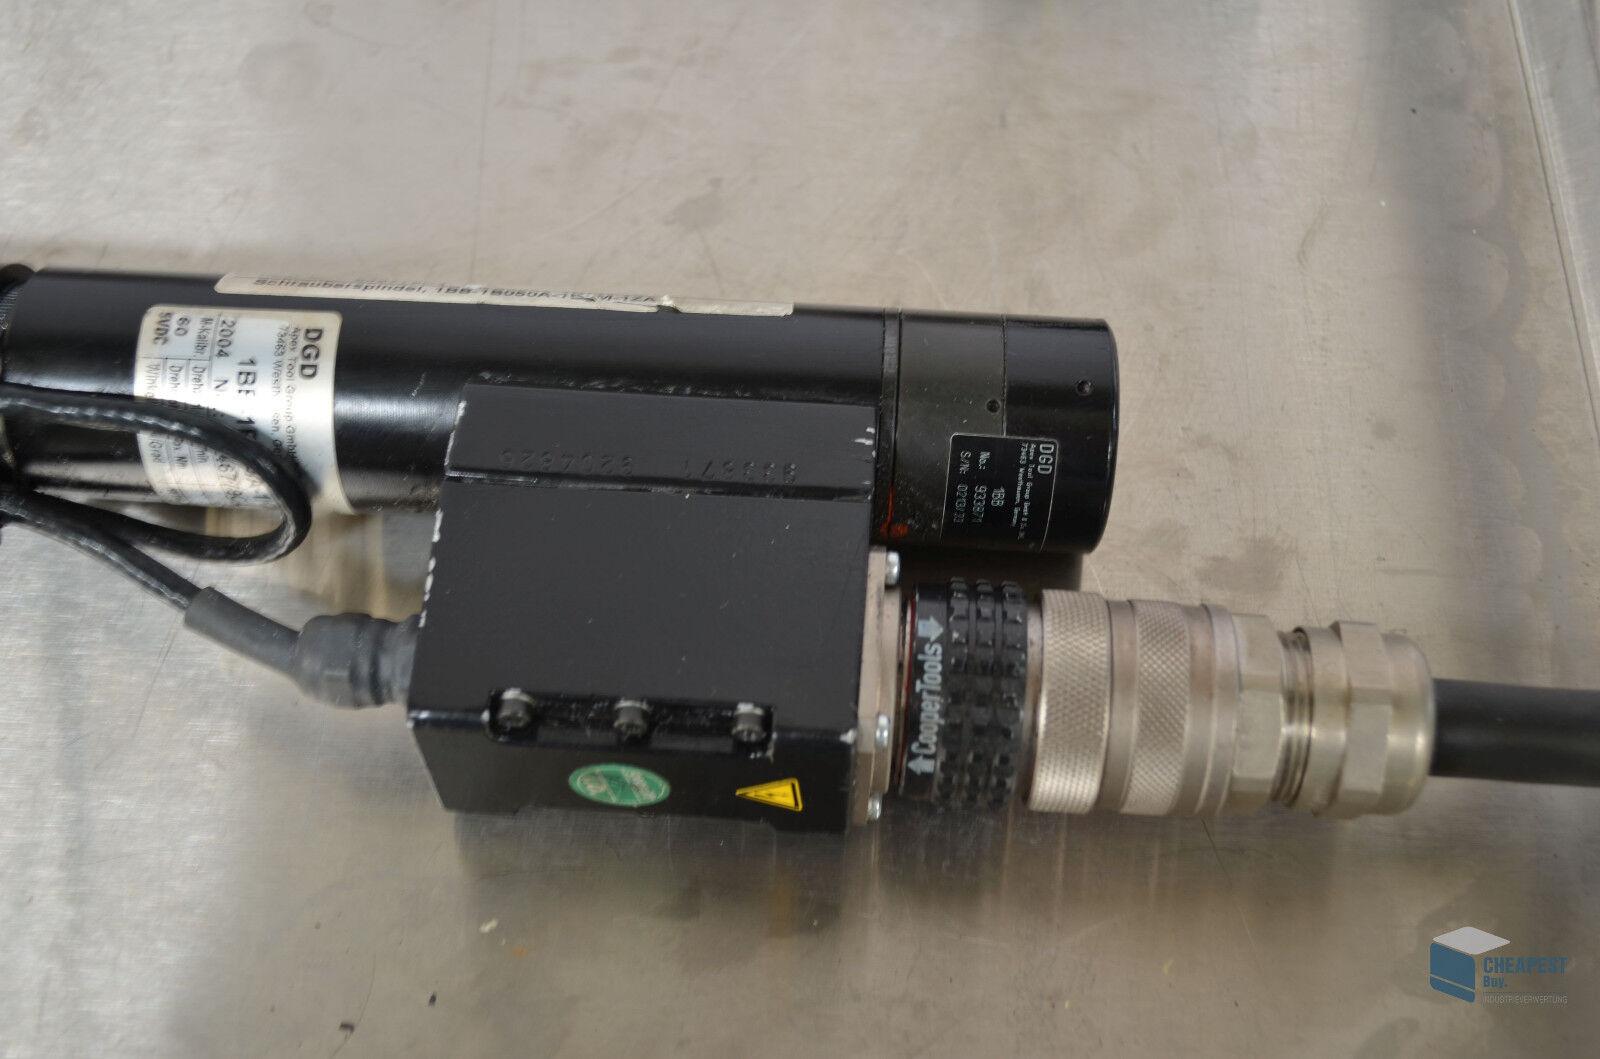 Apex cooper tools DGD 1bb-1b050a-1k2m-1za instalación destornillador, 53 destornillador 53 destornillador, nm b6d226